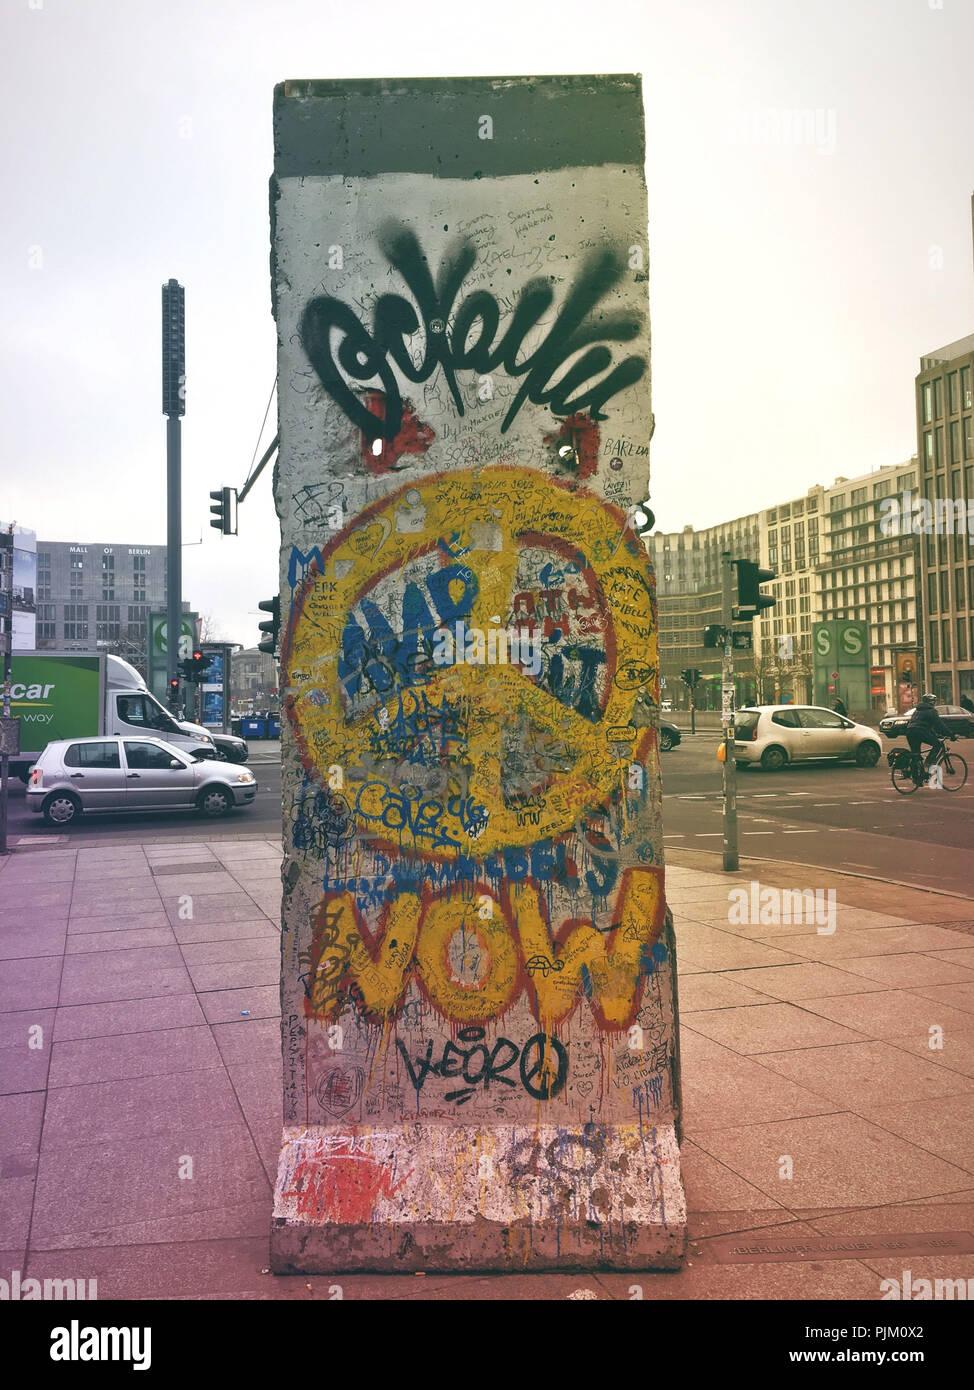 Mur de Berlin, des vestiges, des graffitis Photo Stock